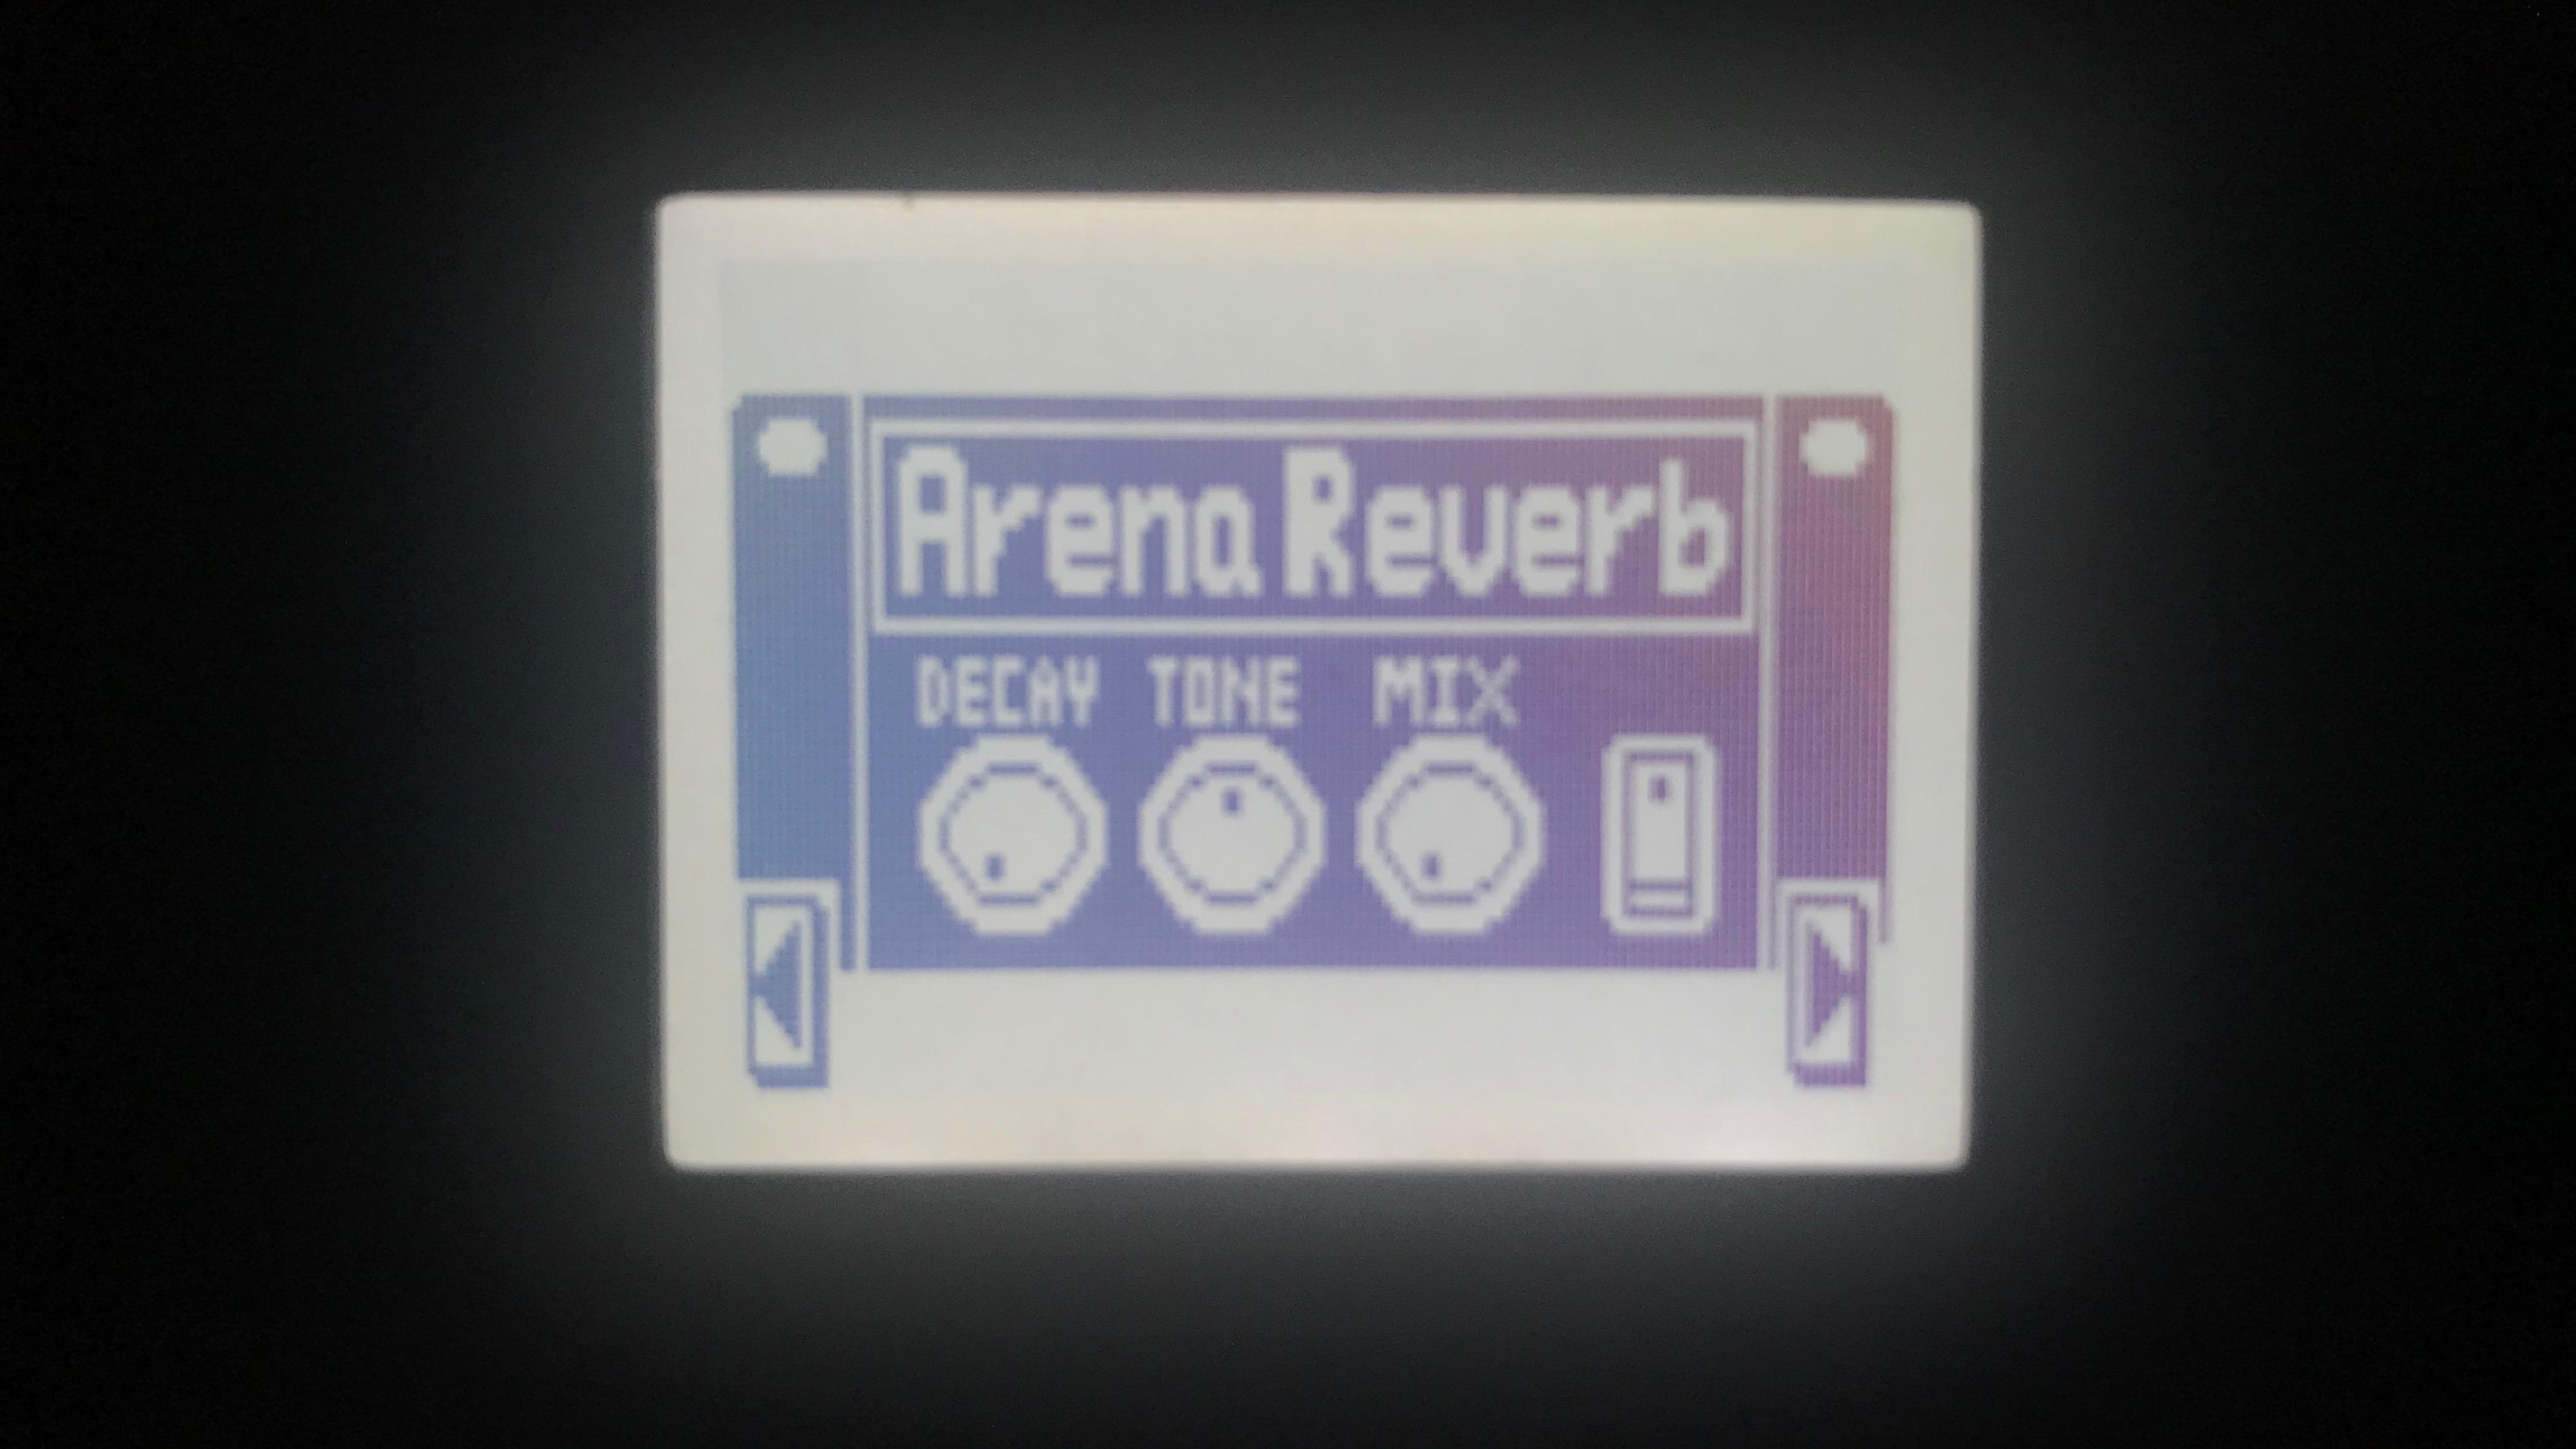 MS-60BのArena Reverb